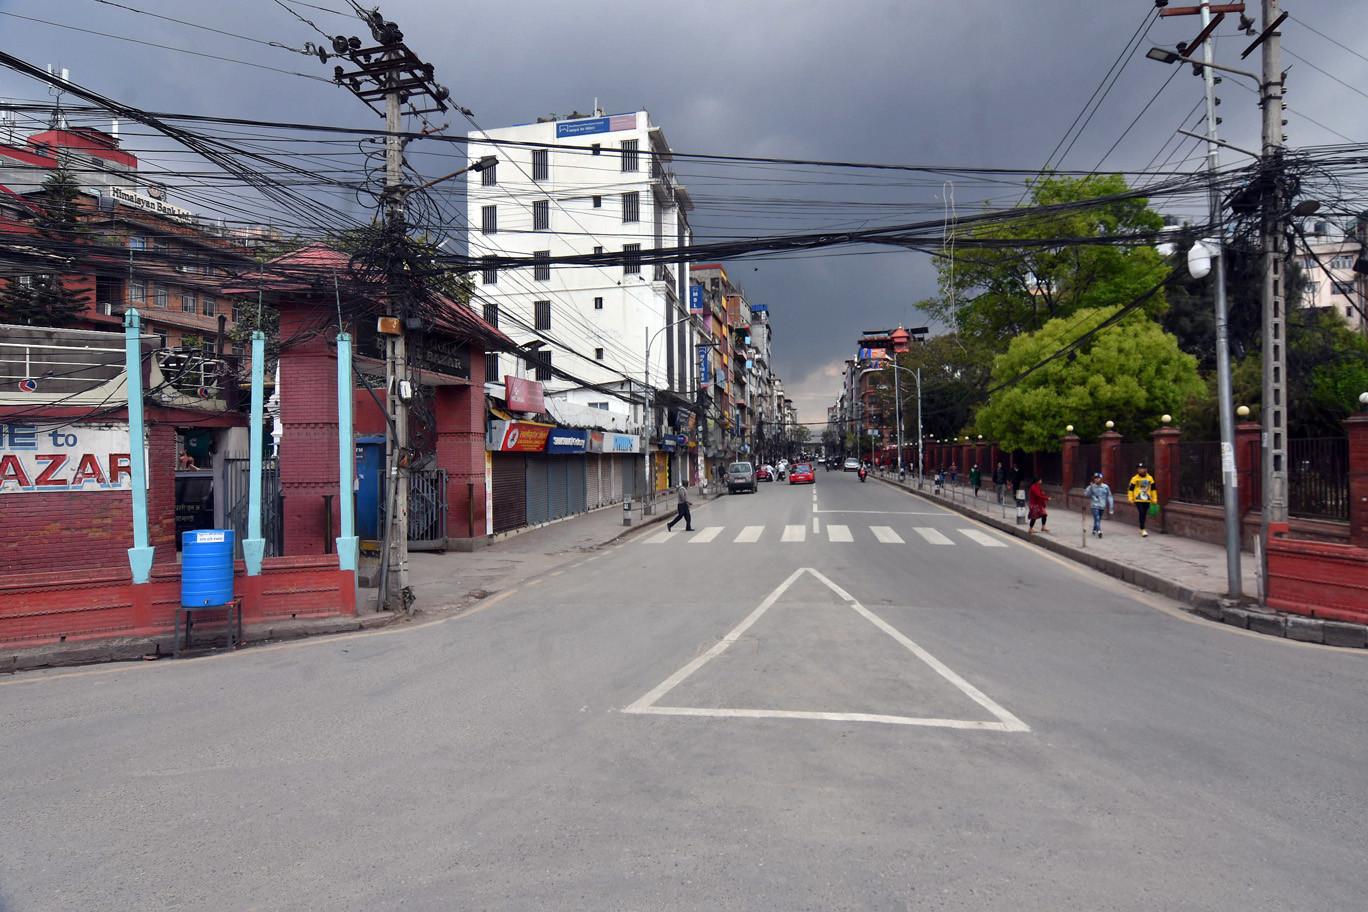 सुनसान काठमाडौं, त्रसित नागरिक